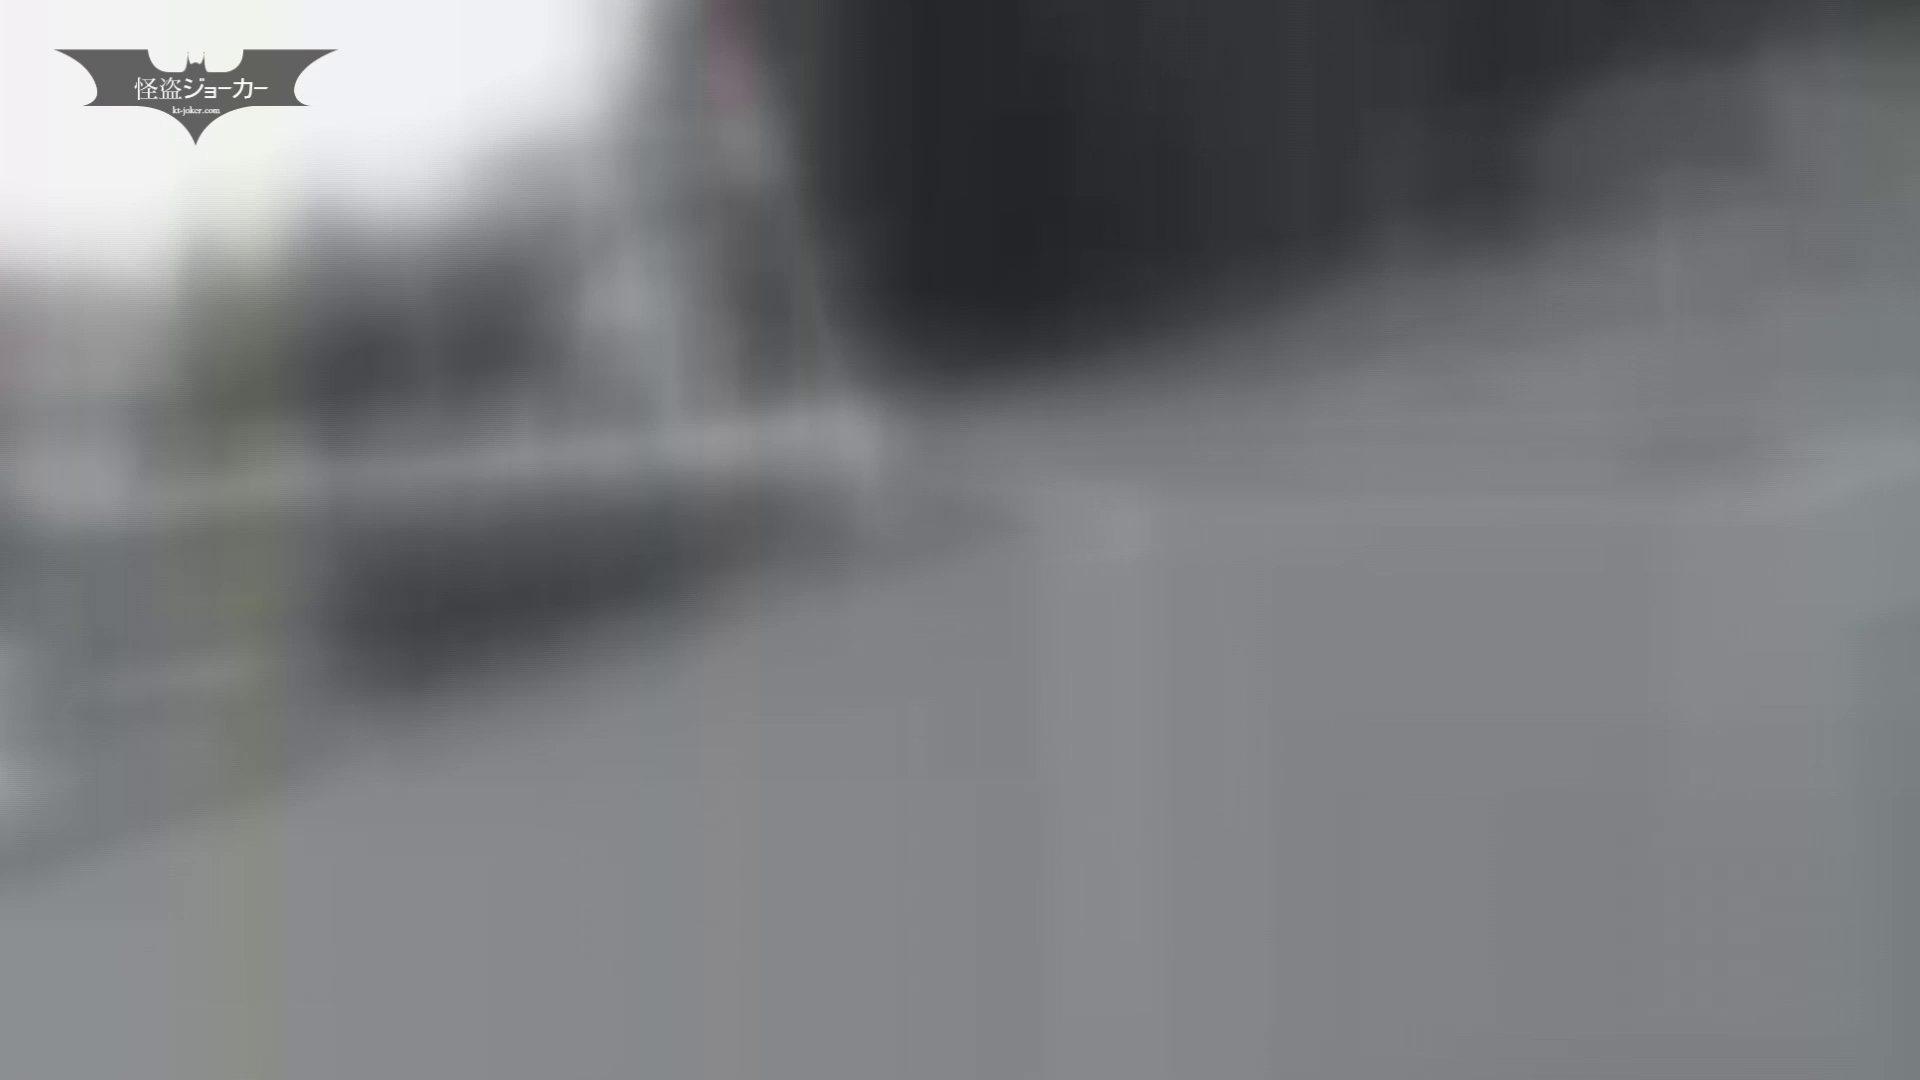 ヒトニアラヅNo.11 問答無用 実行 丸出しマンコ  9連発 5